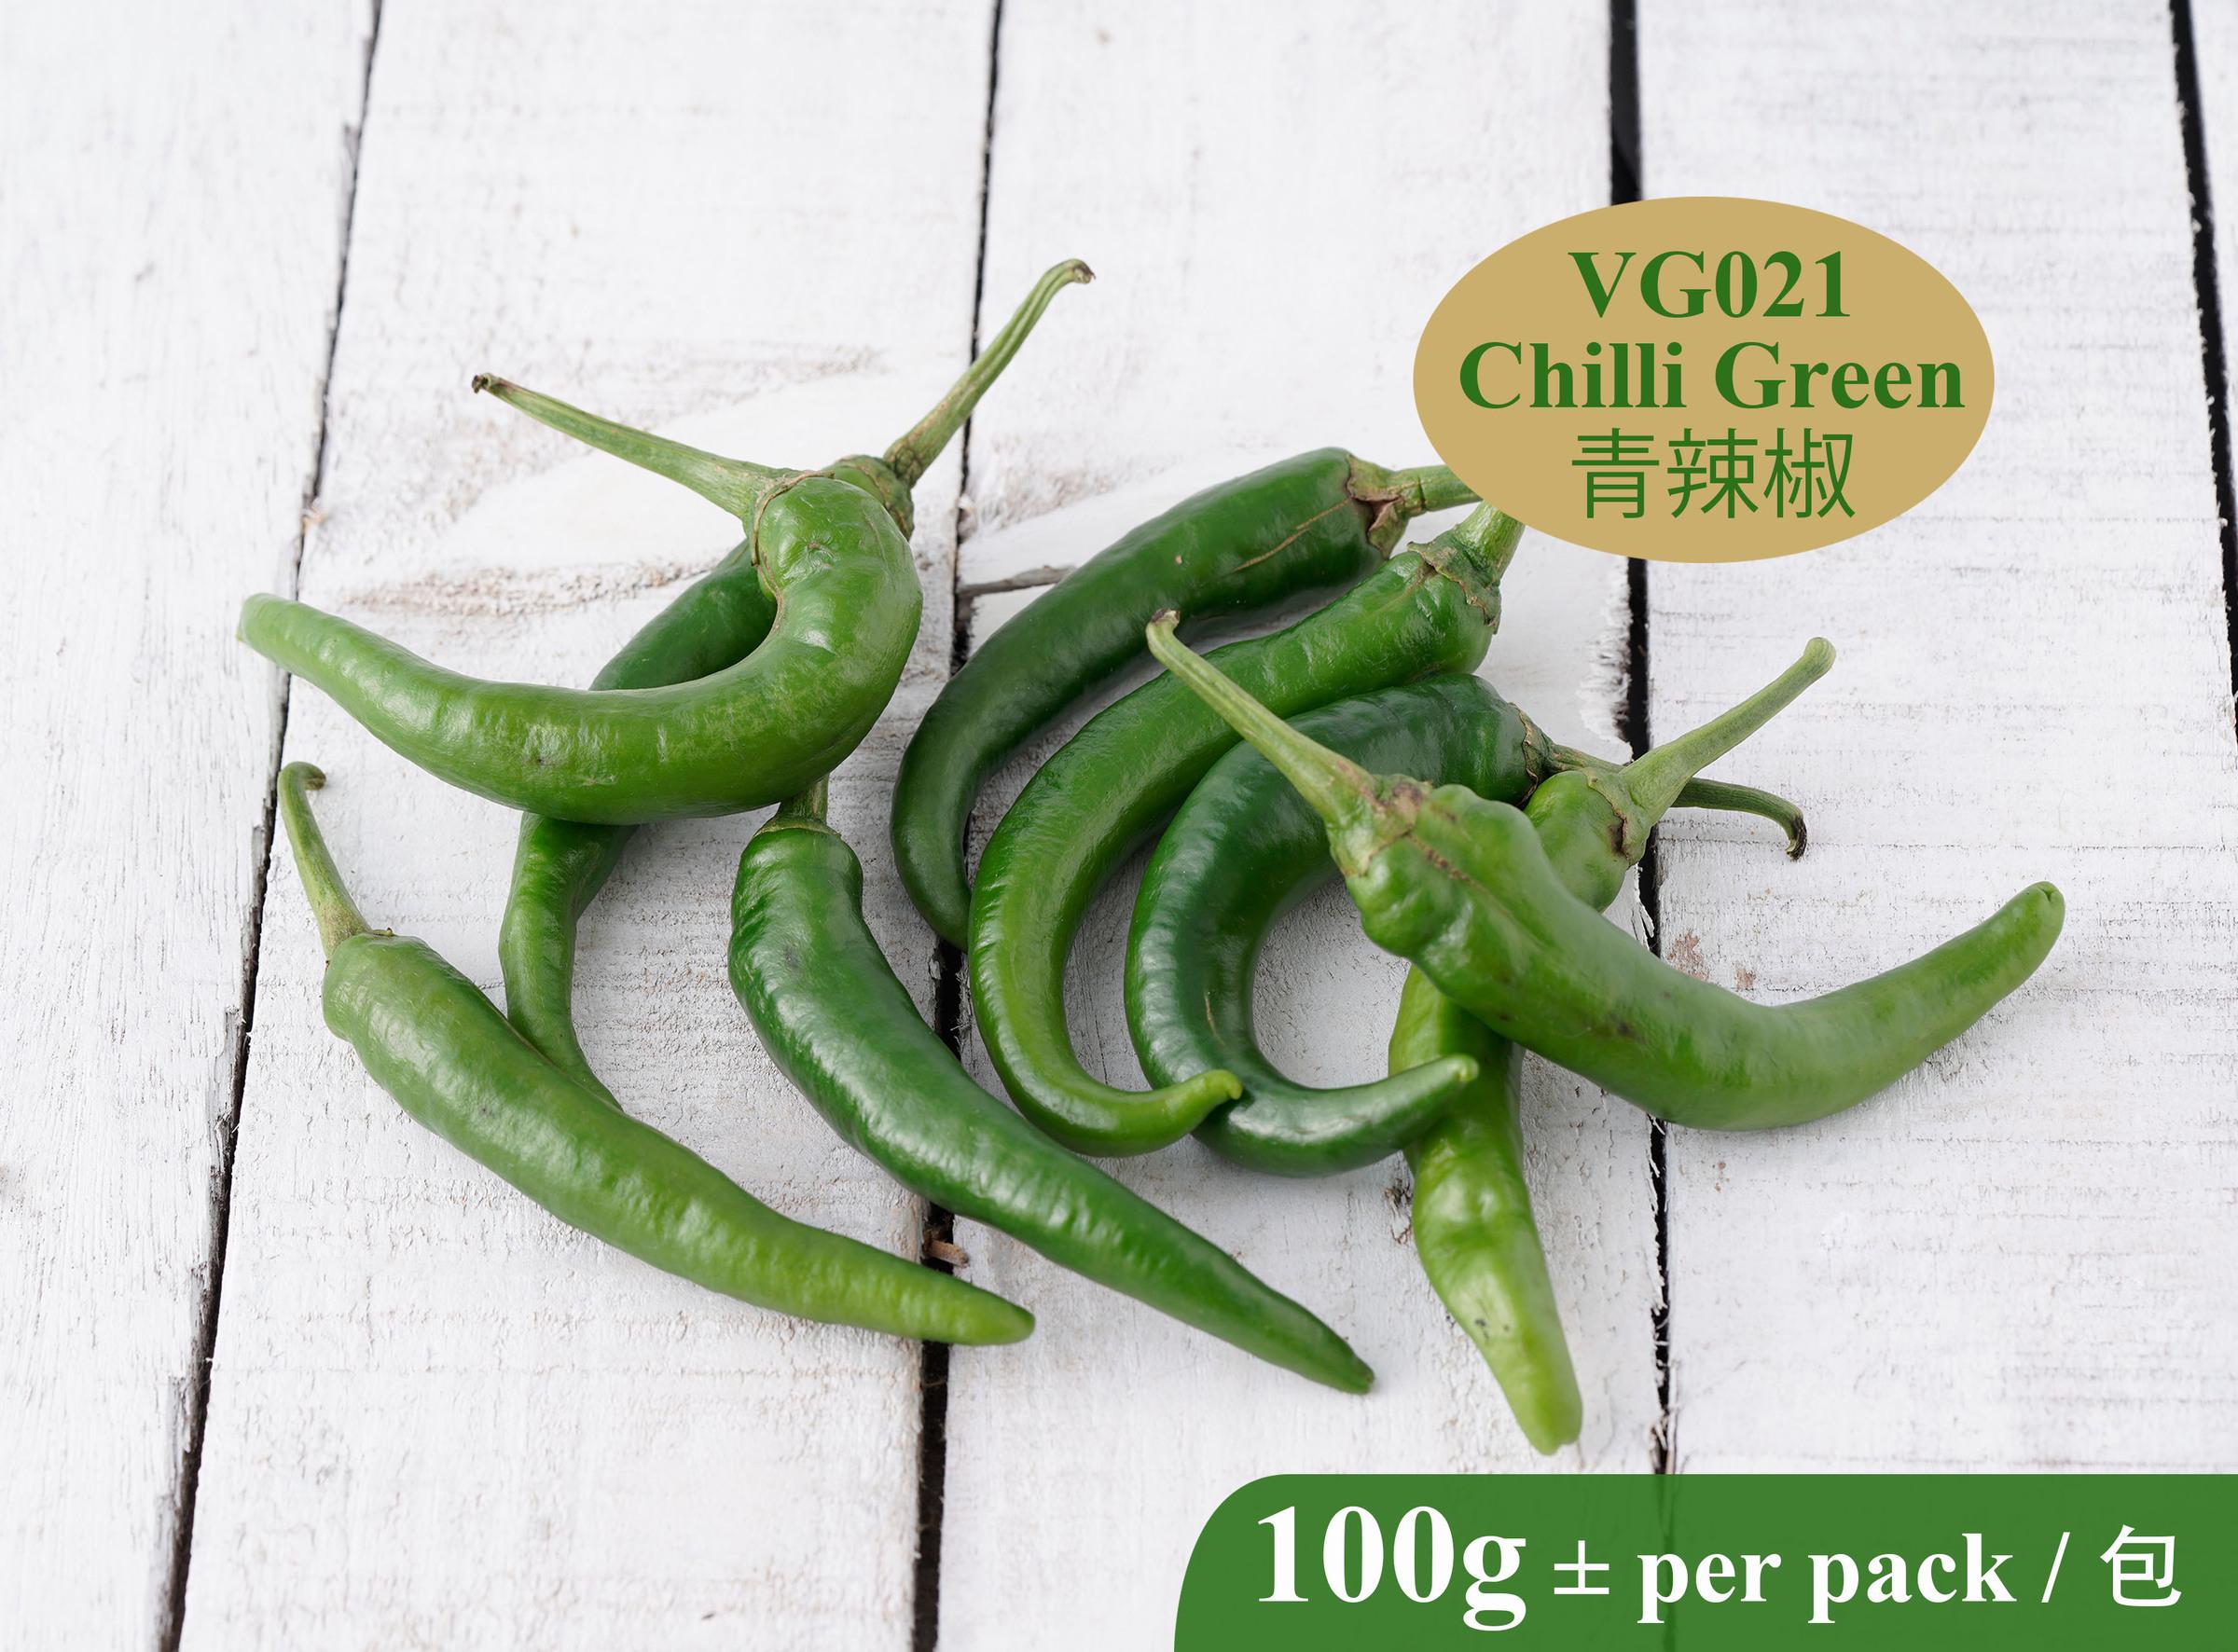 VG021 Chilli Green-RM3.80 per 100g+.jpg